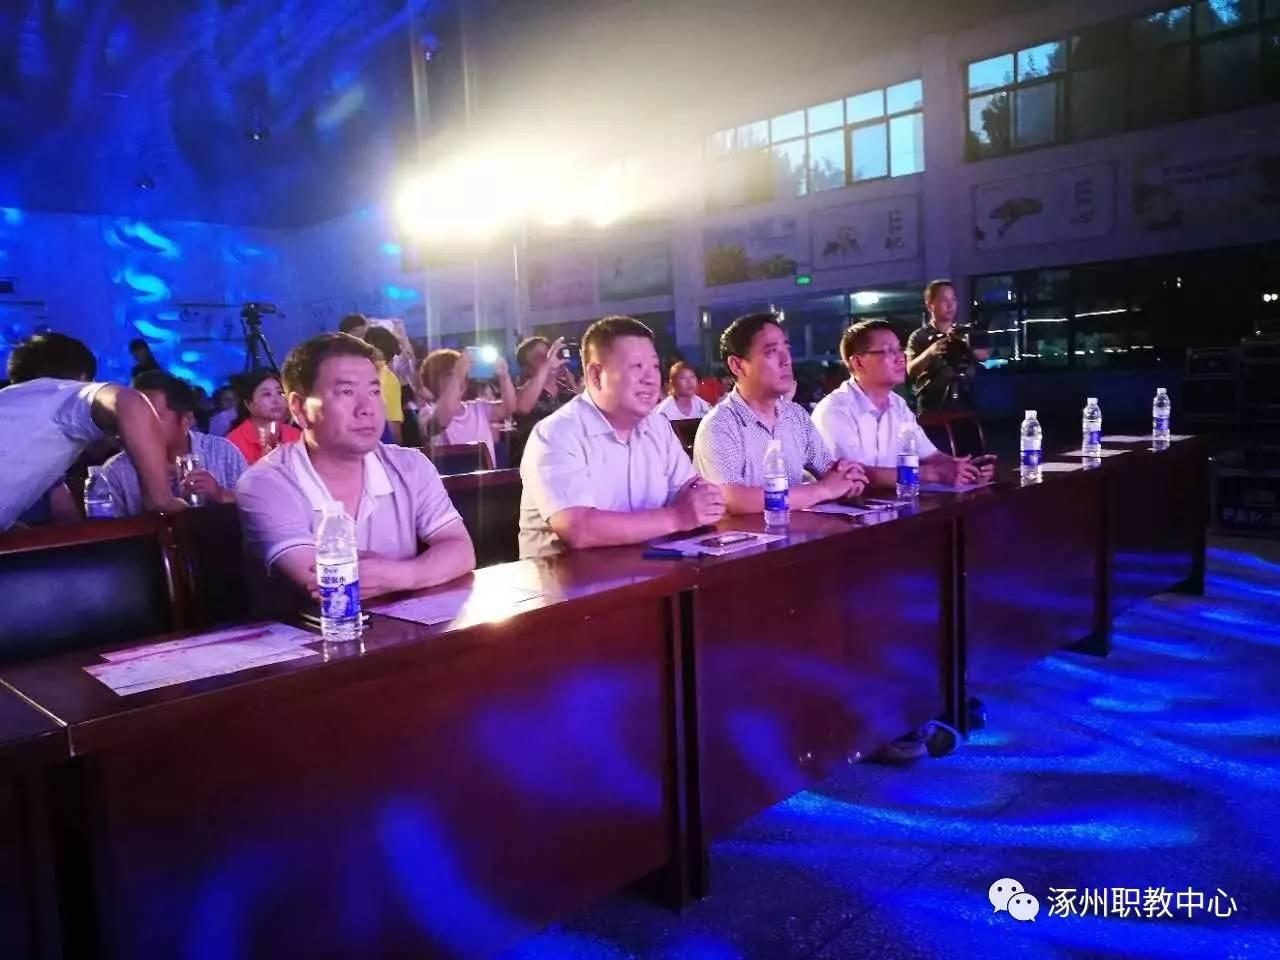 宁城县职教中心-采招网